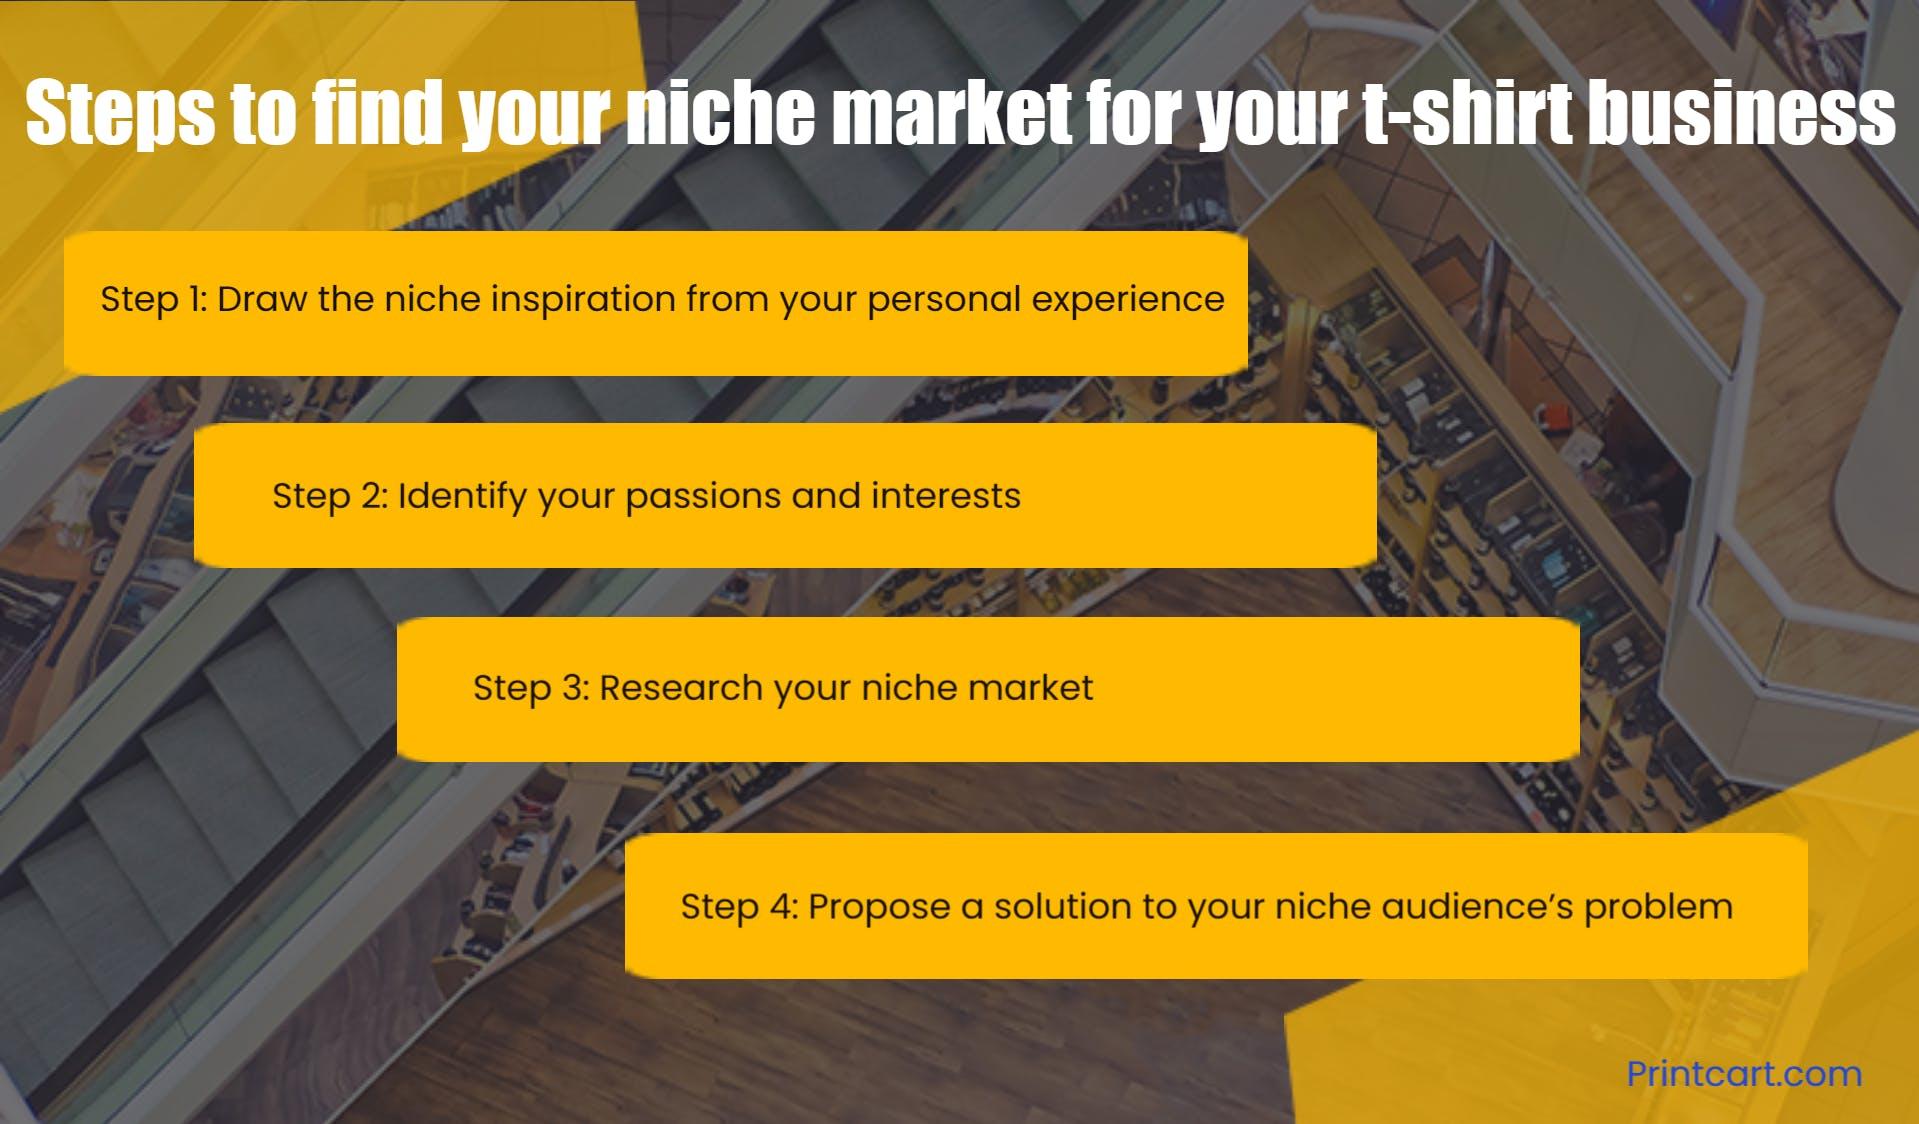 4 steps to find a niche market